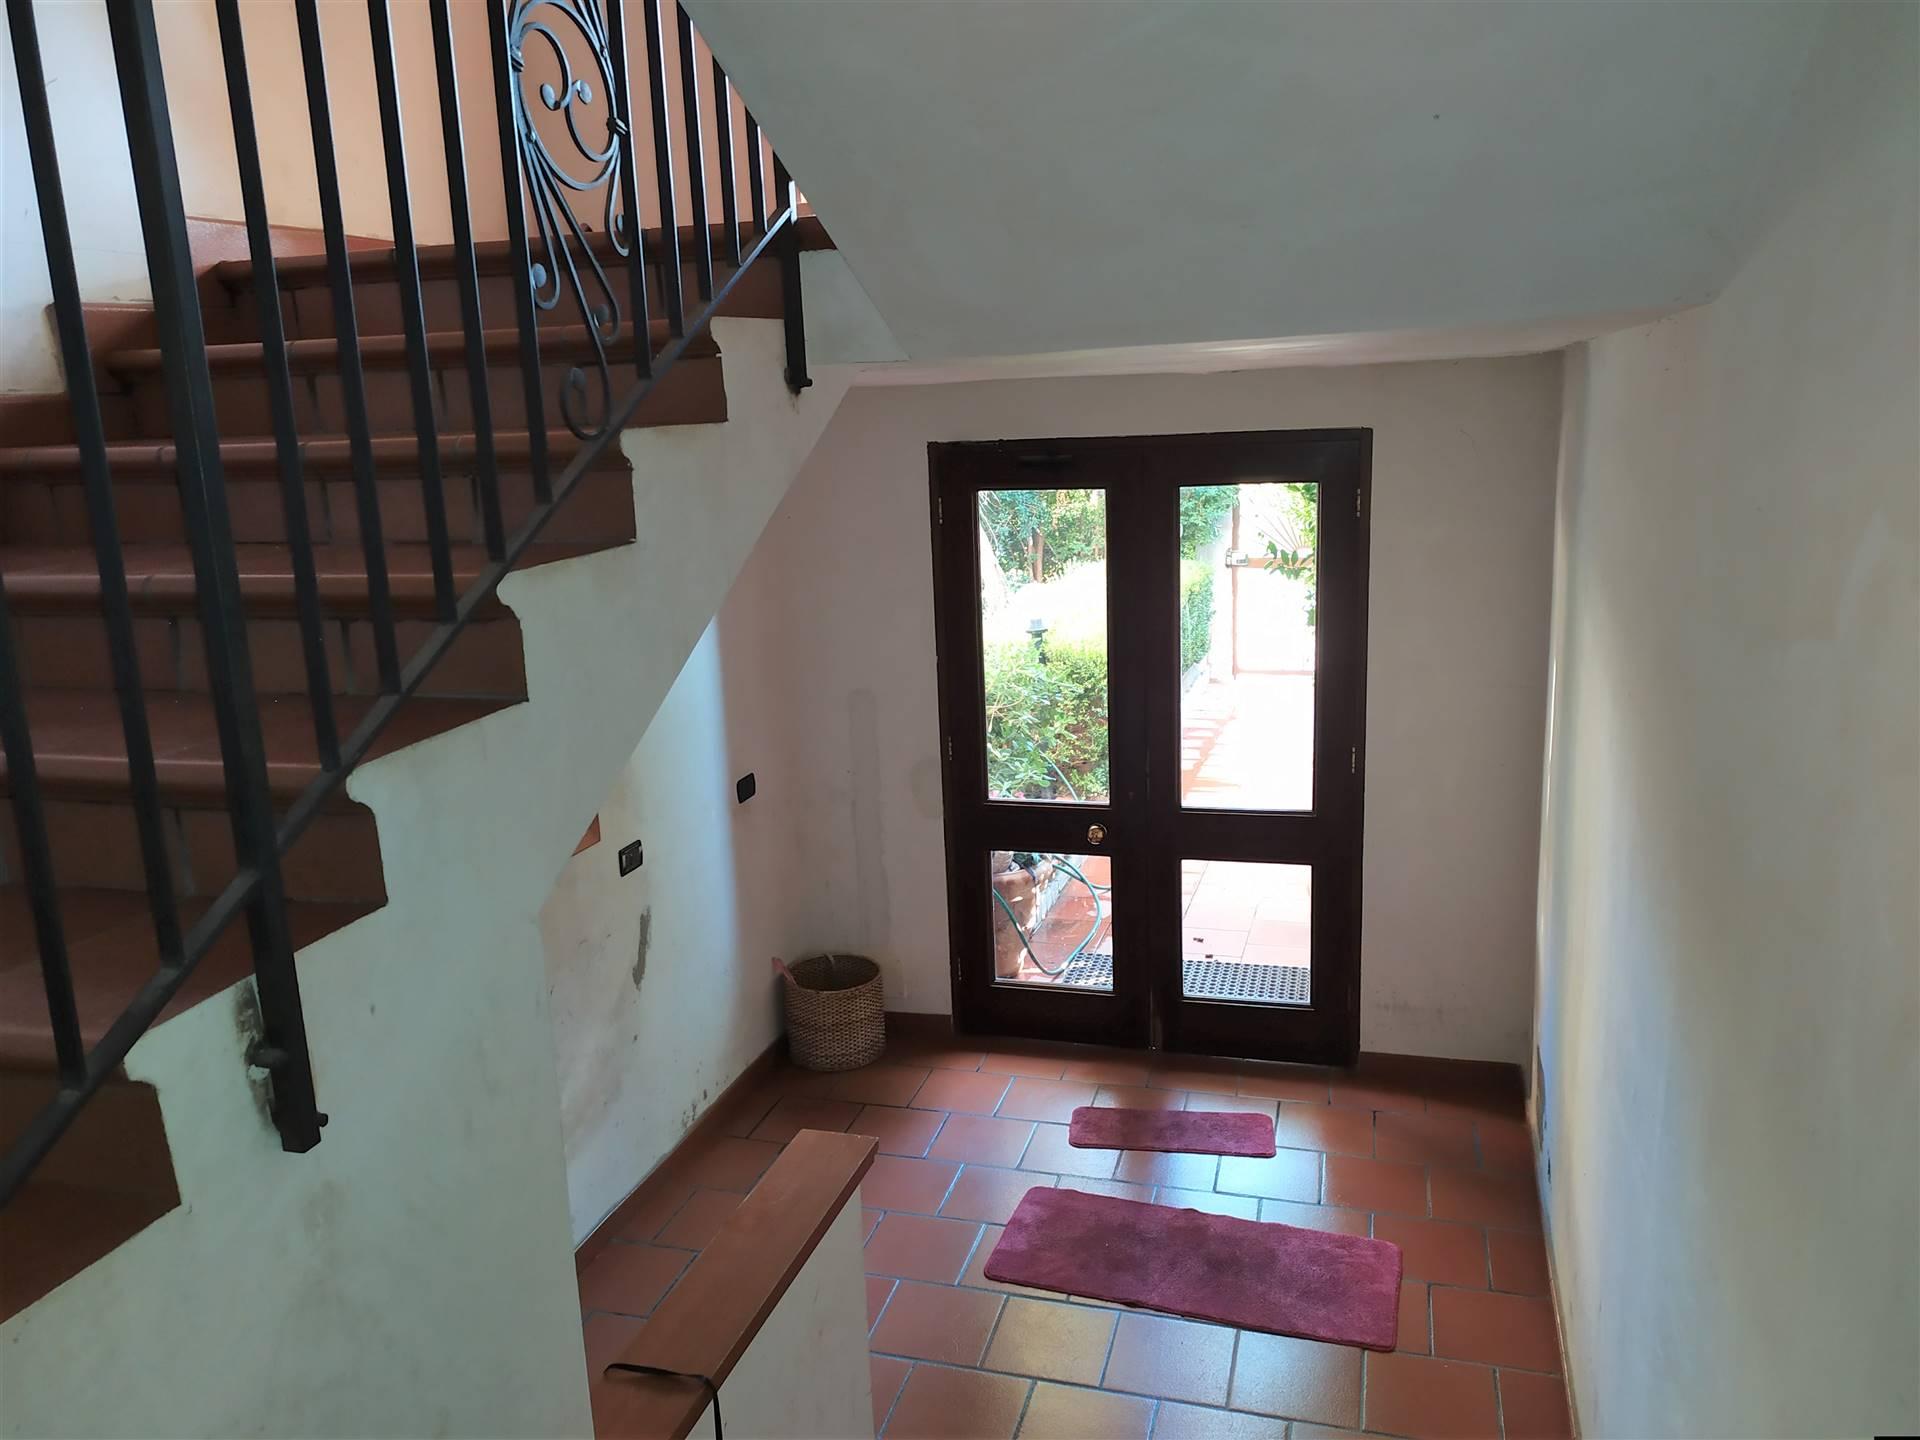 Appartamento in vendita a Reggio Calabria, 4 locali, zona Località: SALA DI MOSORROFA, prezzo € 70.000 | CambioCasa.it